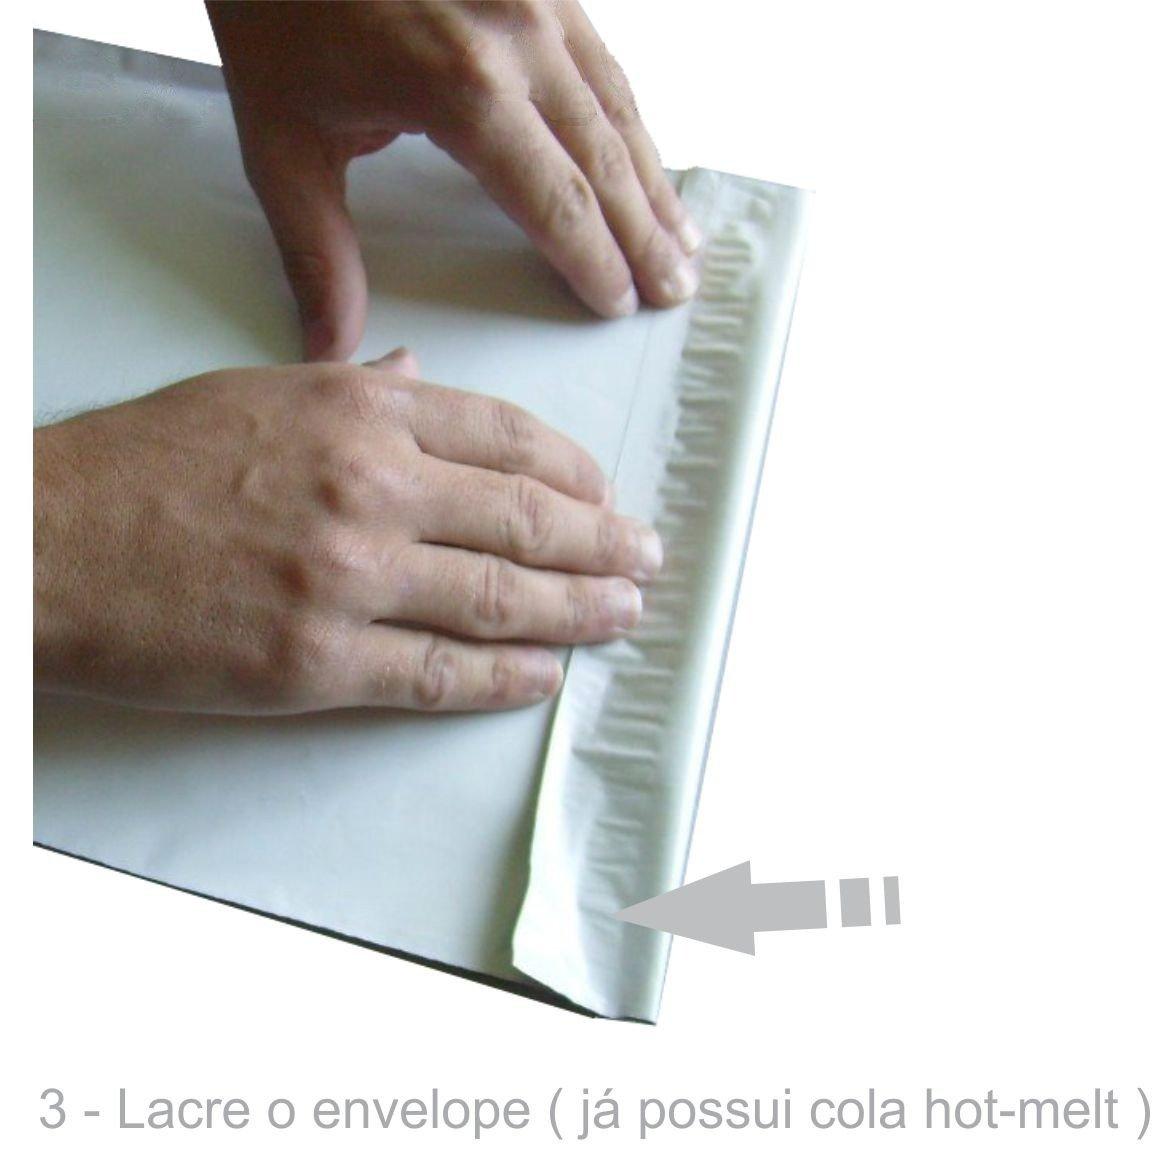 Envelope Plástico Segurança Lacre Tipo Sedex 15x19 (100pcs)